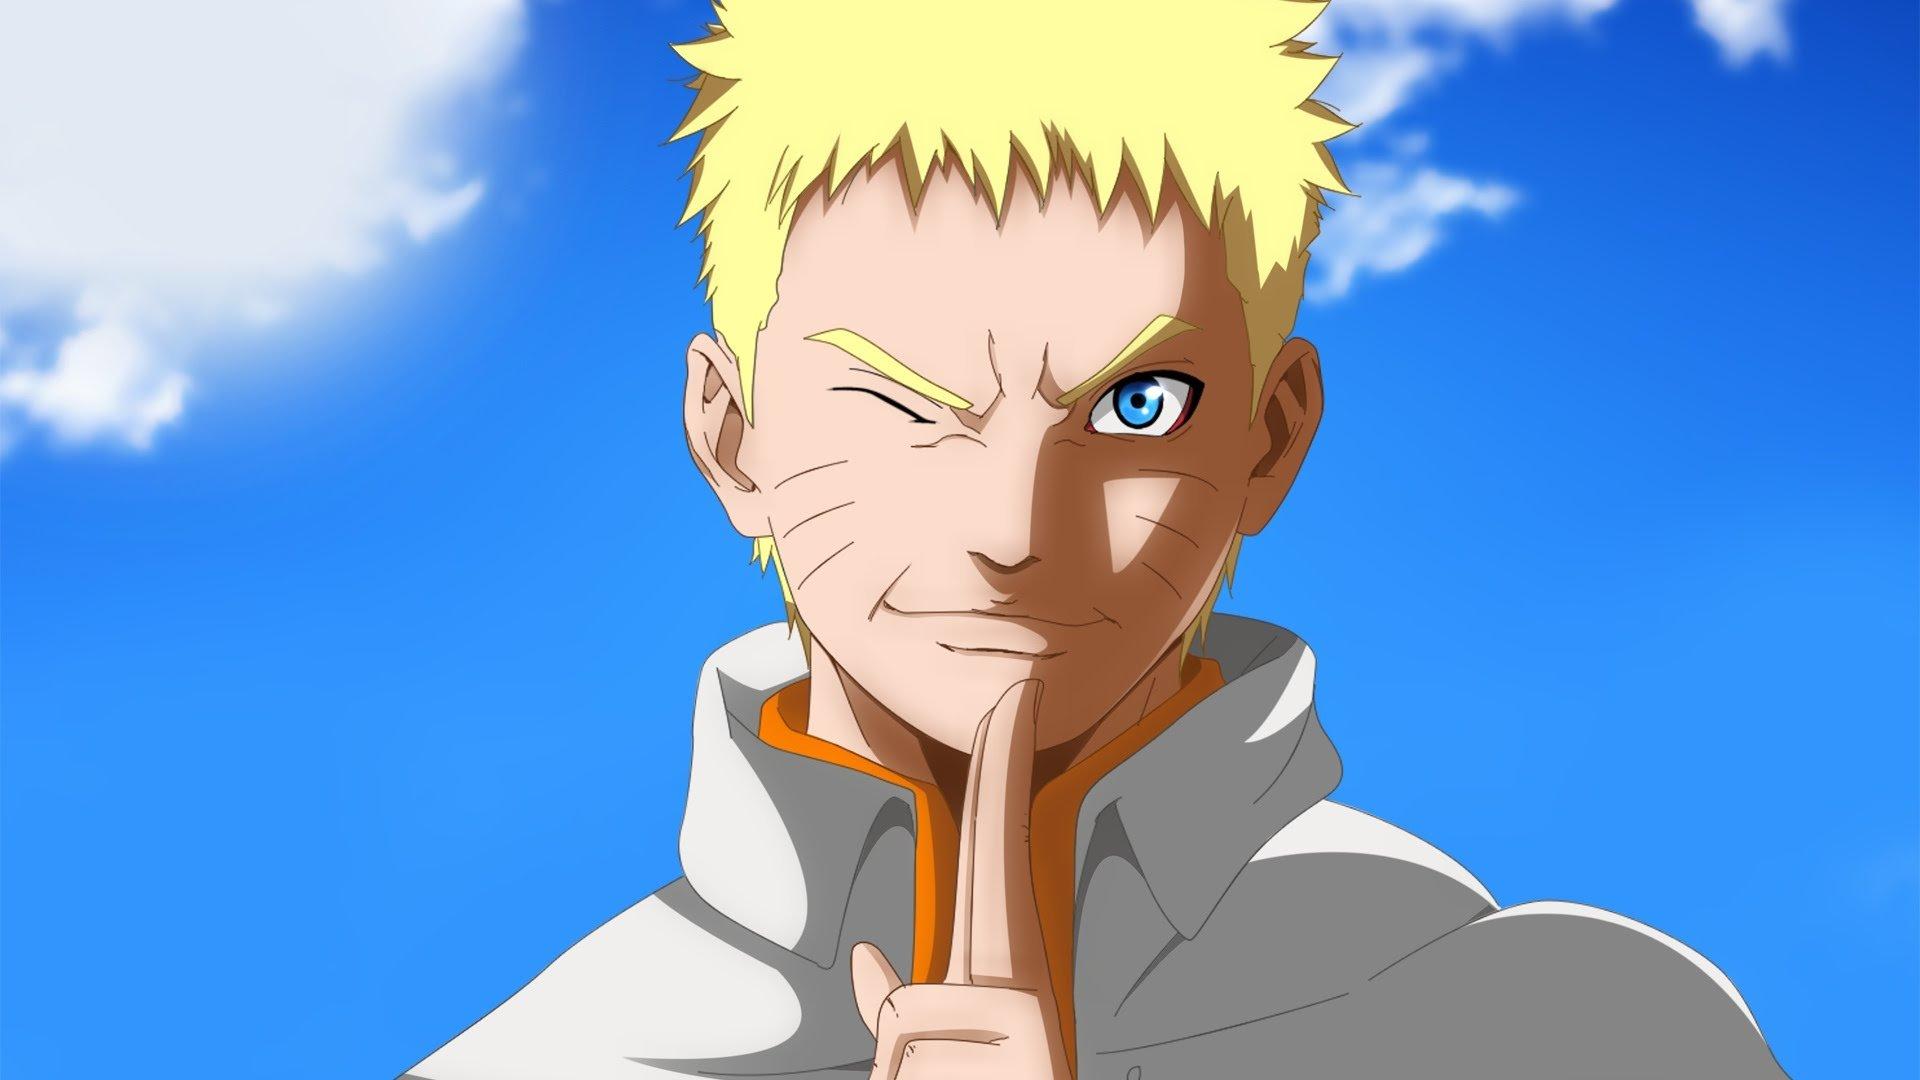 10 Rekomendasi Game Naruto Yang Wajib Kamu Mainkan Saat Ini